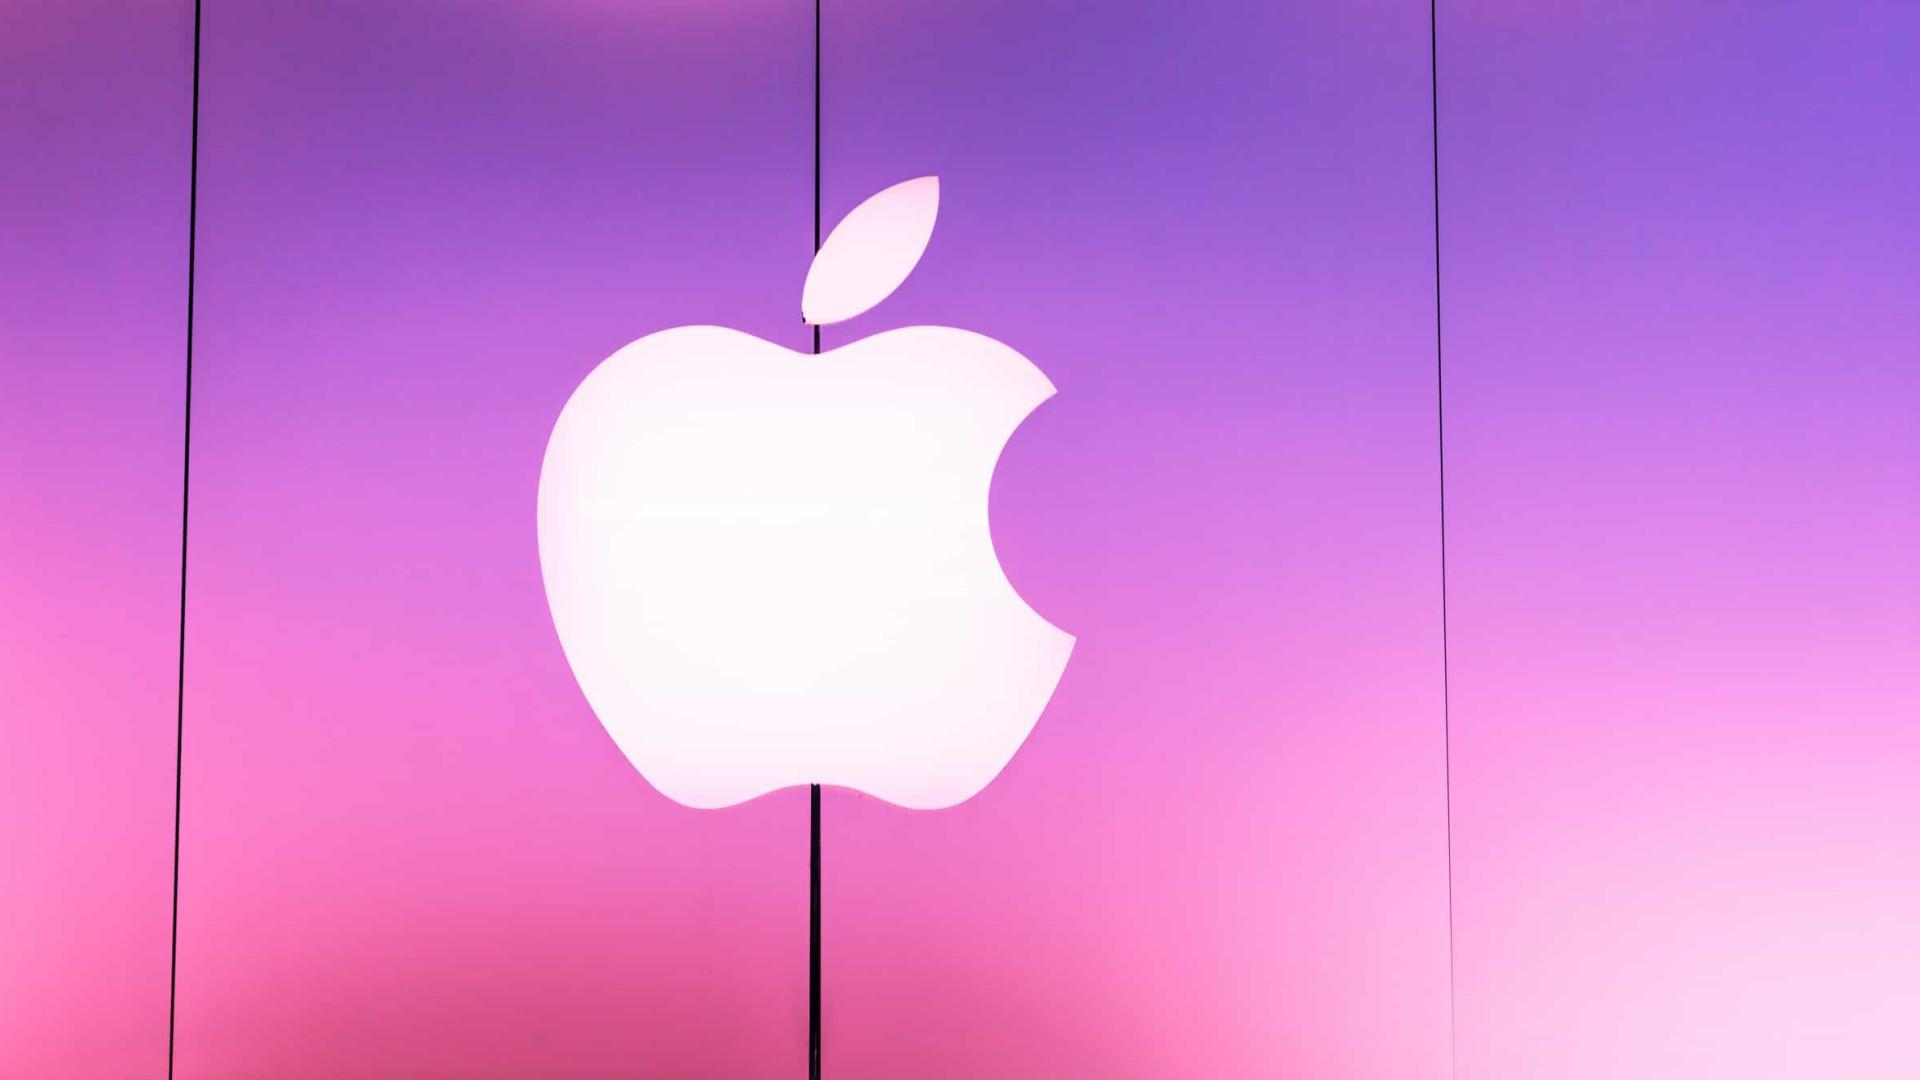 Engenheira da Apple queixa-se de assédio e ambiente de trabalho hostil